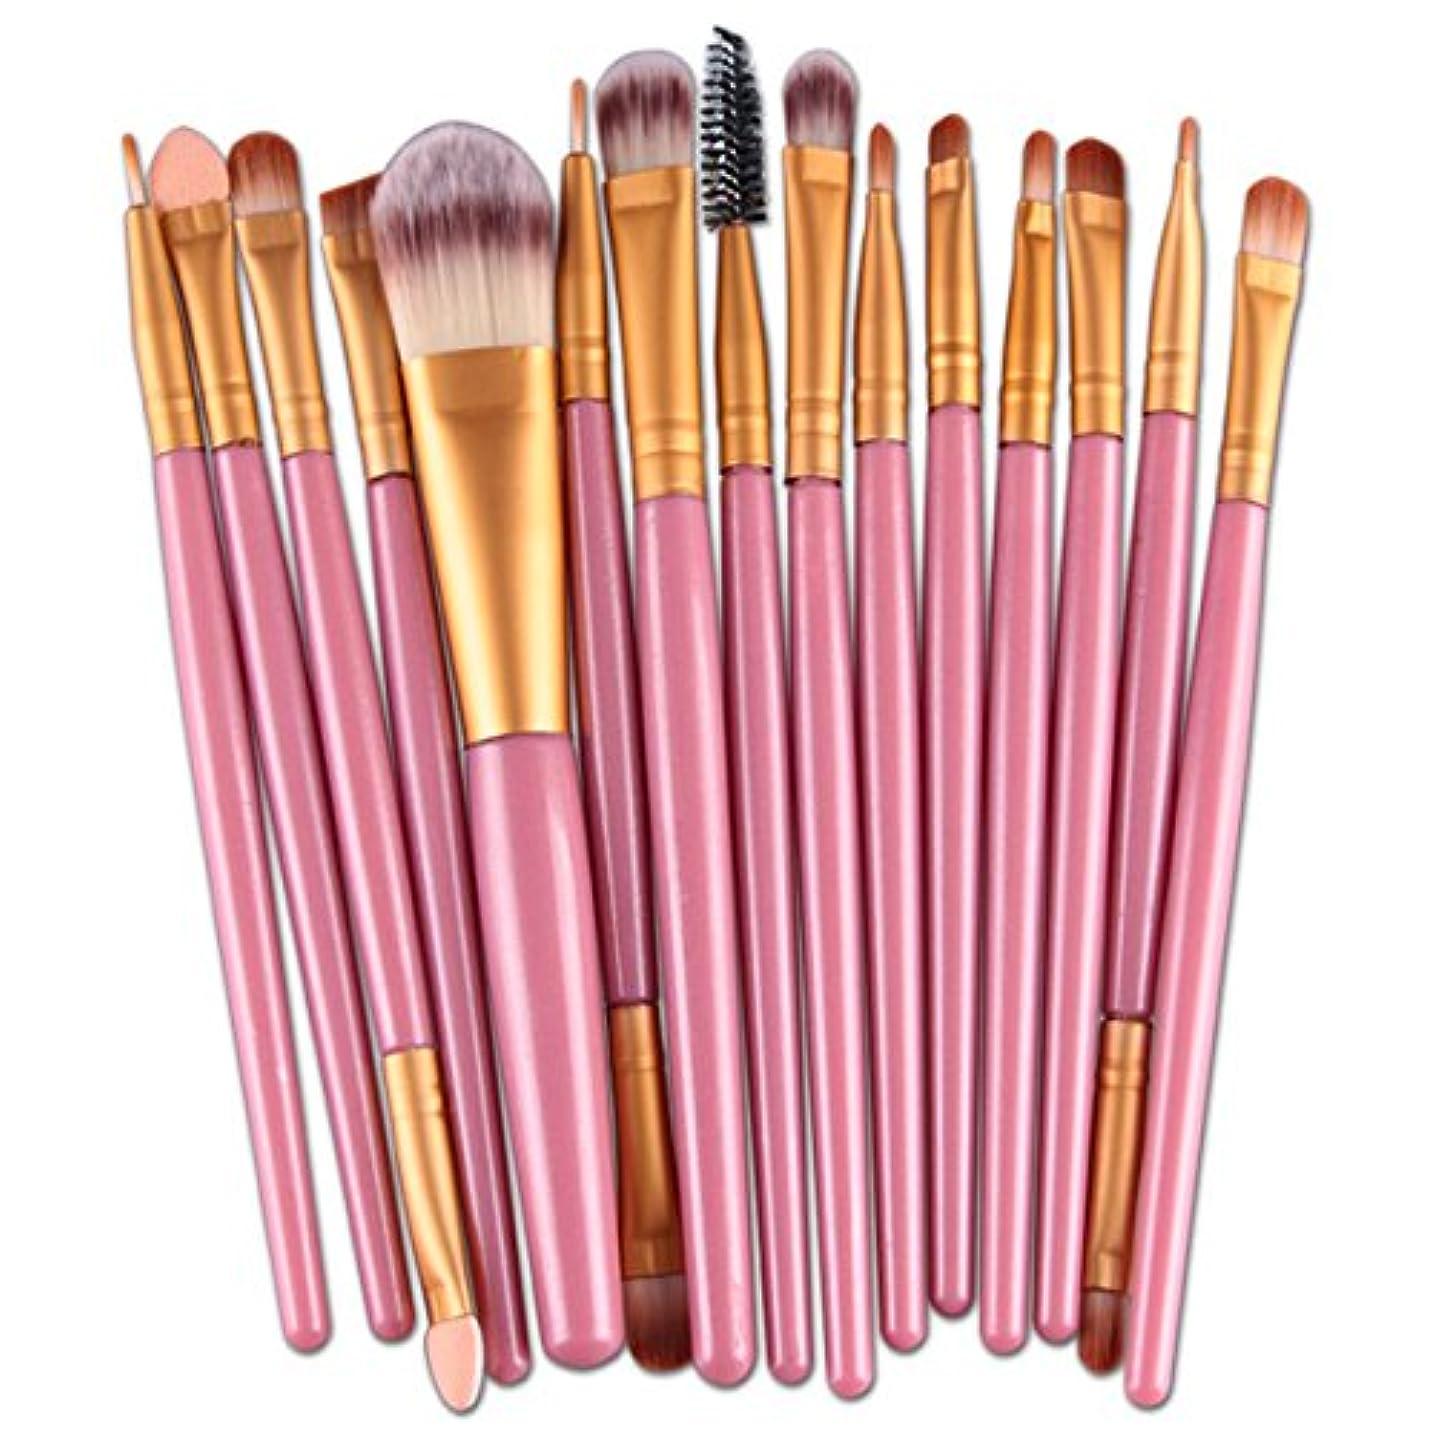 覚醒和解するぼかす15ピース化粧ブラシキット OD企画 カラフルなフェイスコンシーラーアイシャドー女性のためのツール女の子の日常生活やパーティー パウダーアイライナー赤面スリップファンデーションメイクアップ美容ブラシセット